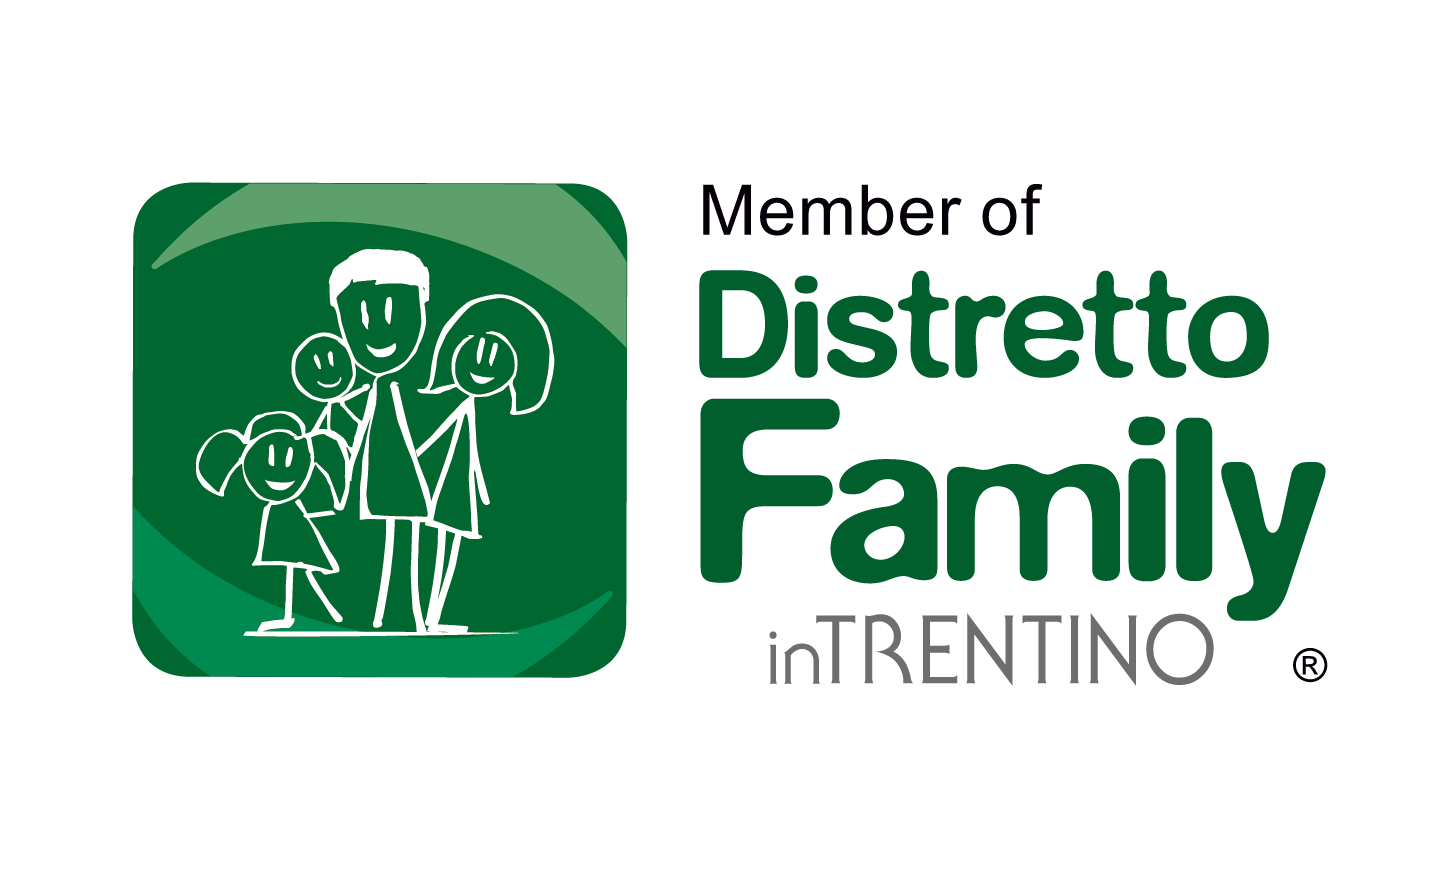 MemberDFInTrentino_Colori_SfondoChiaro